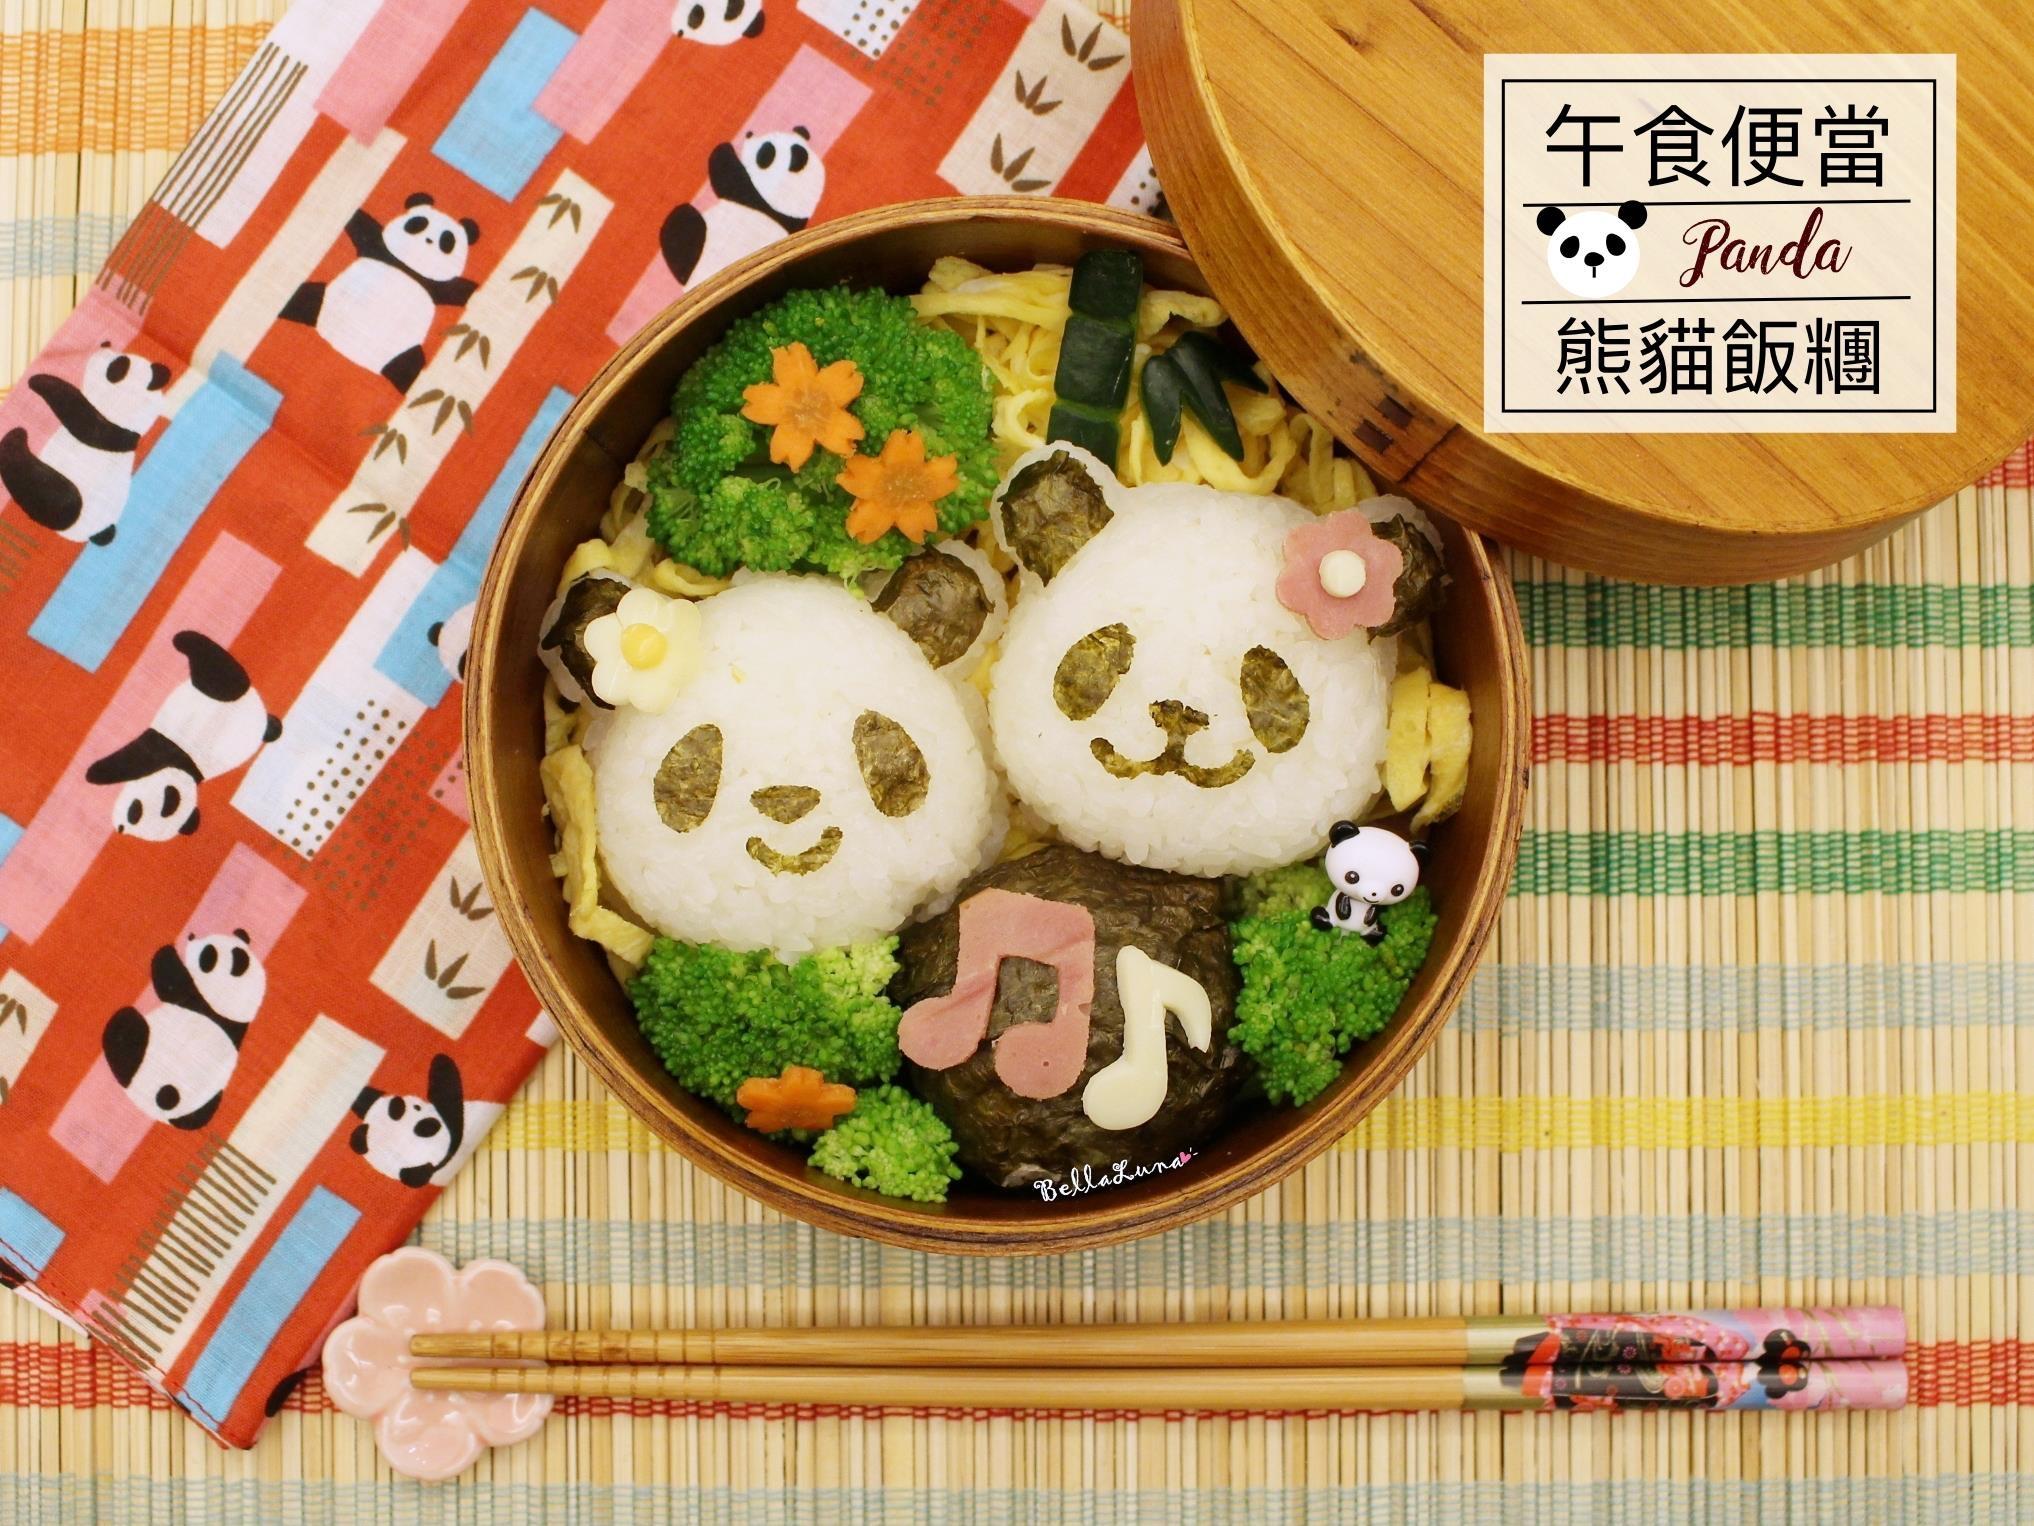 熊貓便當 1.jpg